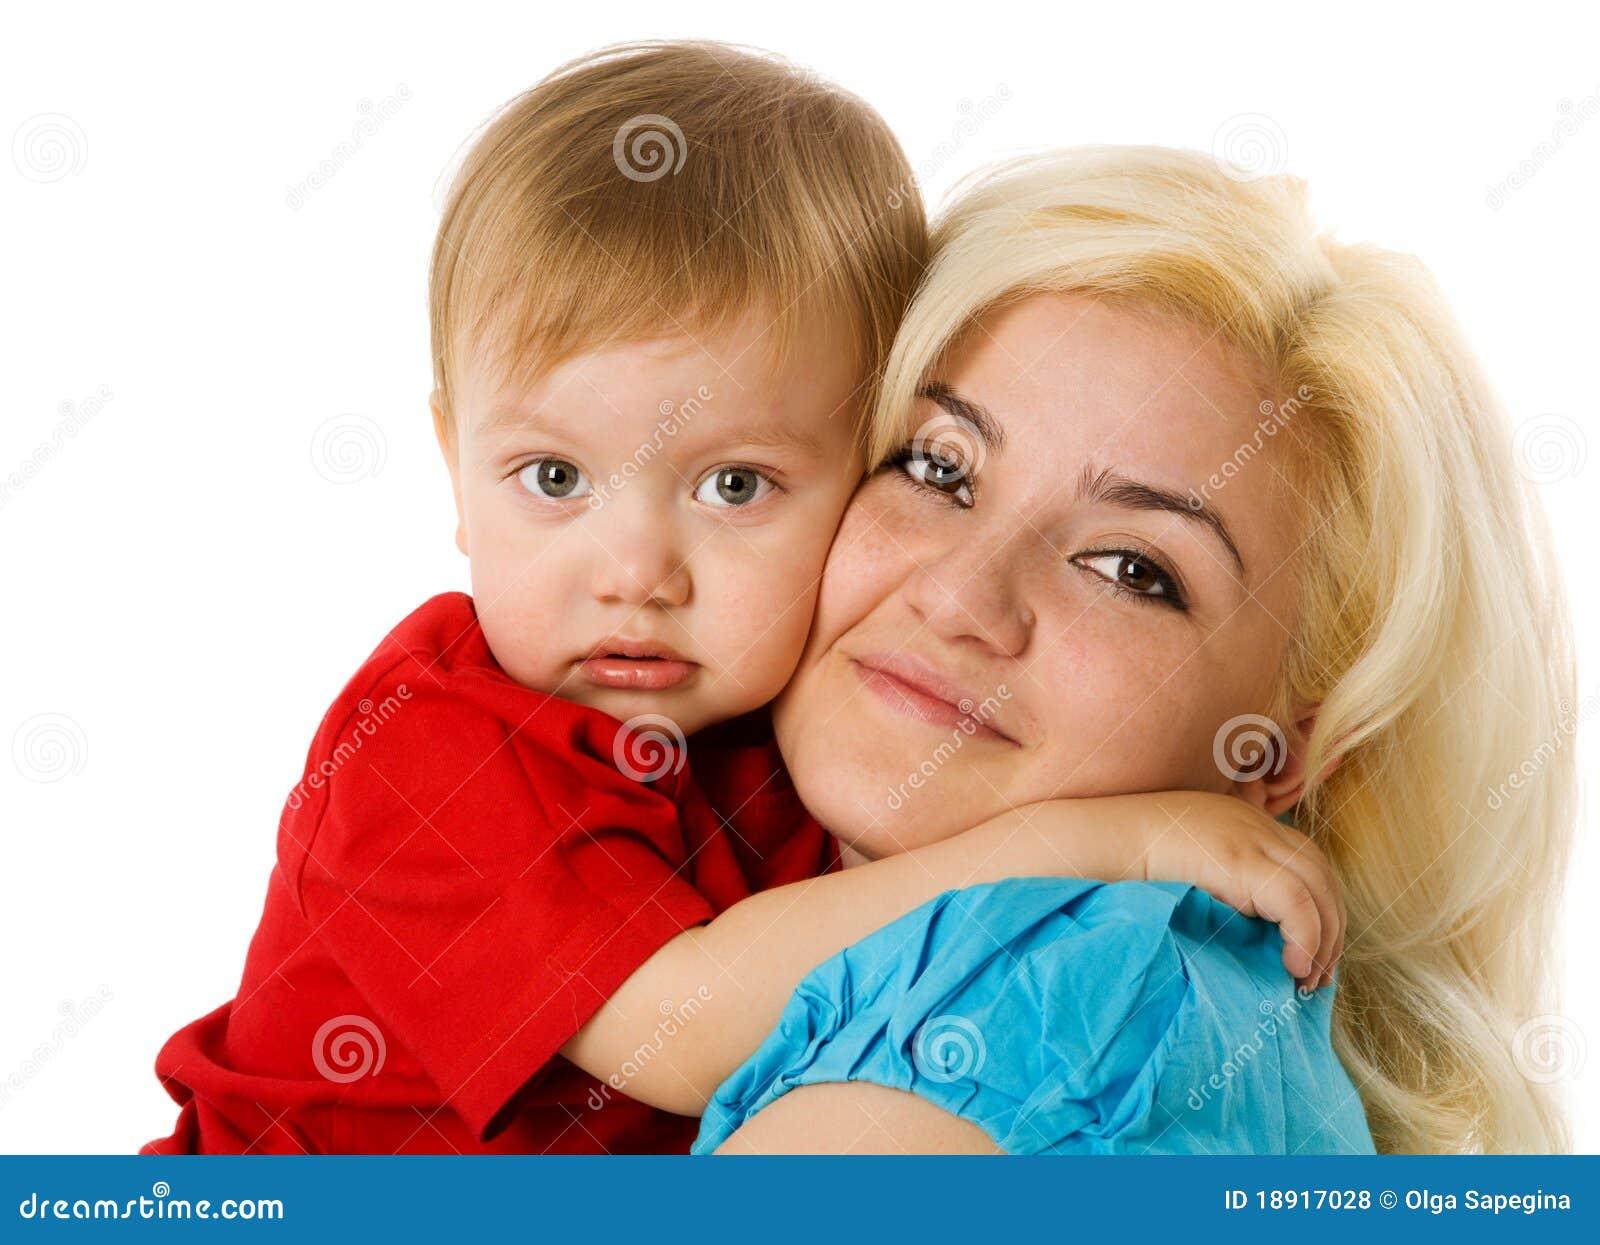 Русский сайт мама с сыном 23 фотография